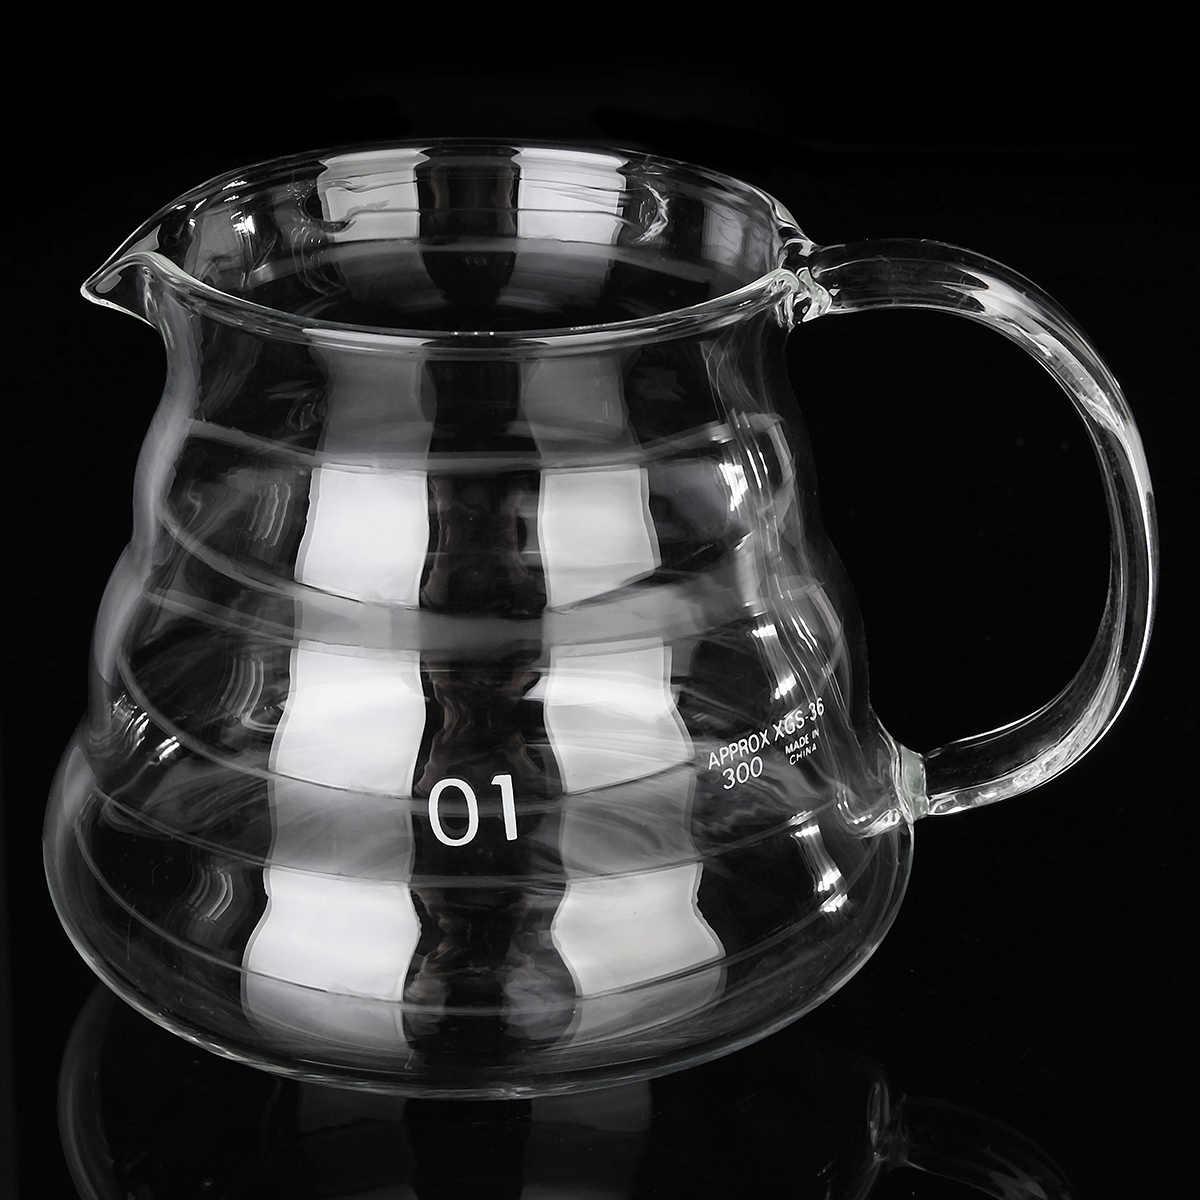 350 ml 580 ml 800 ml máquina de café de goteo de agua reutilizable herramientas de filtro de vidrio Espresso taza de goteo de café helado frío cerveza máquina de café